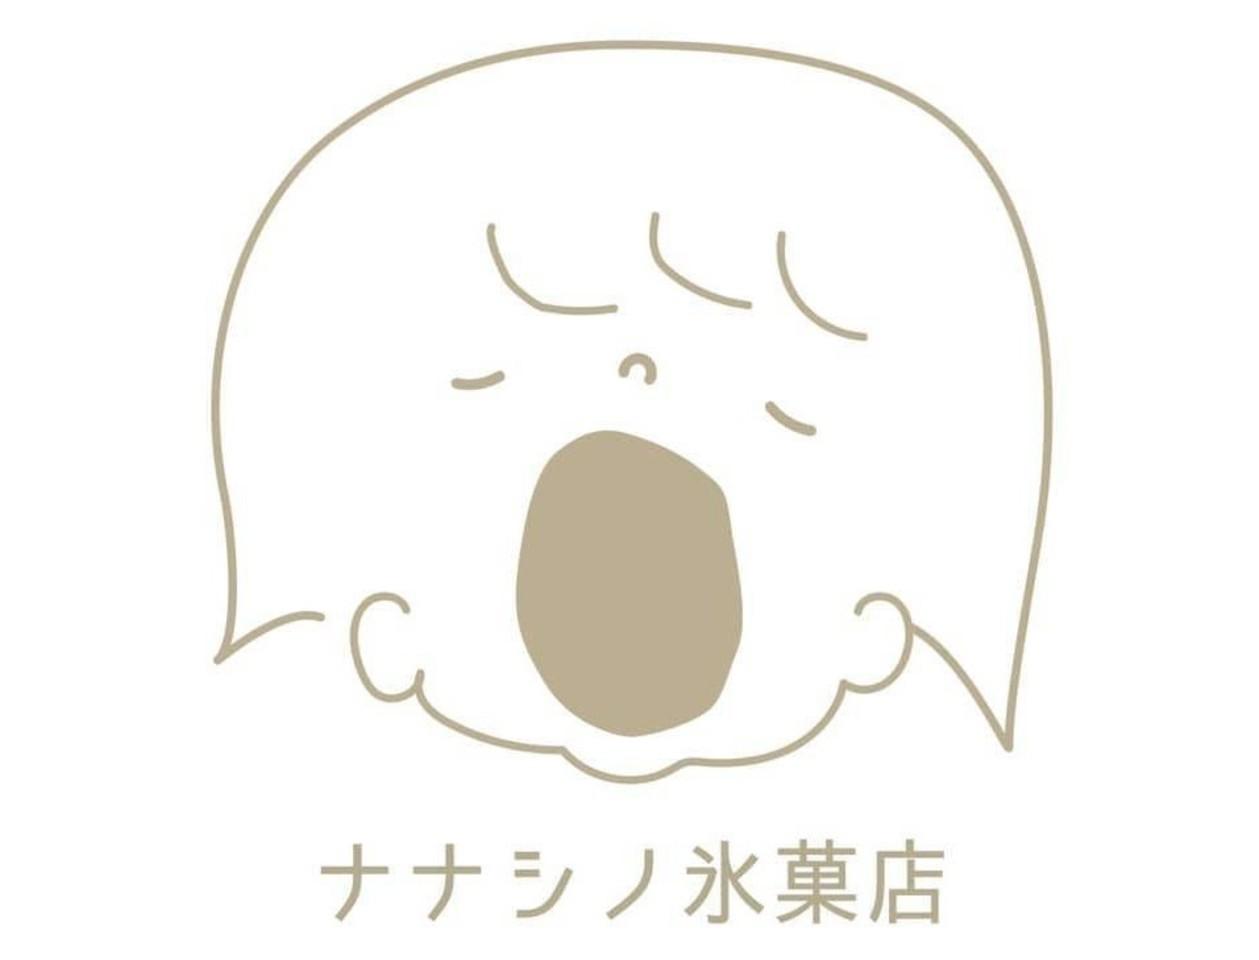 祝!6/28.GrandOpen『ナナシノ氷菓店』かき氷専門店(東京都目黒区)